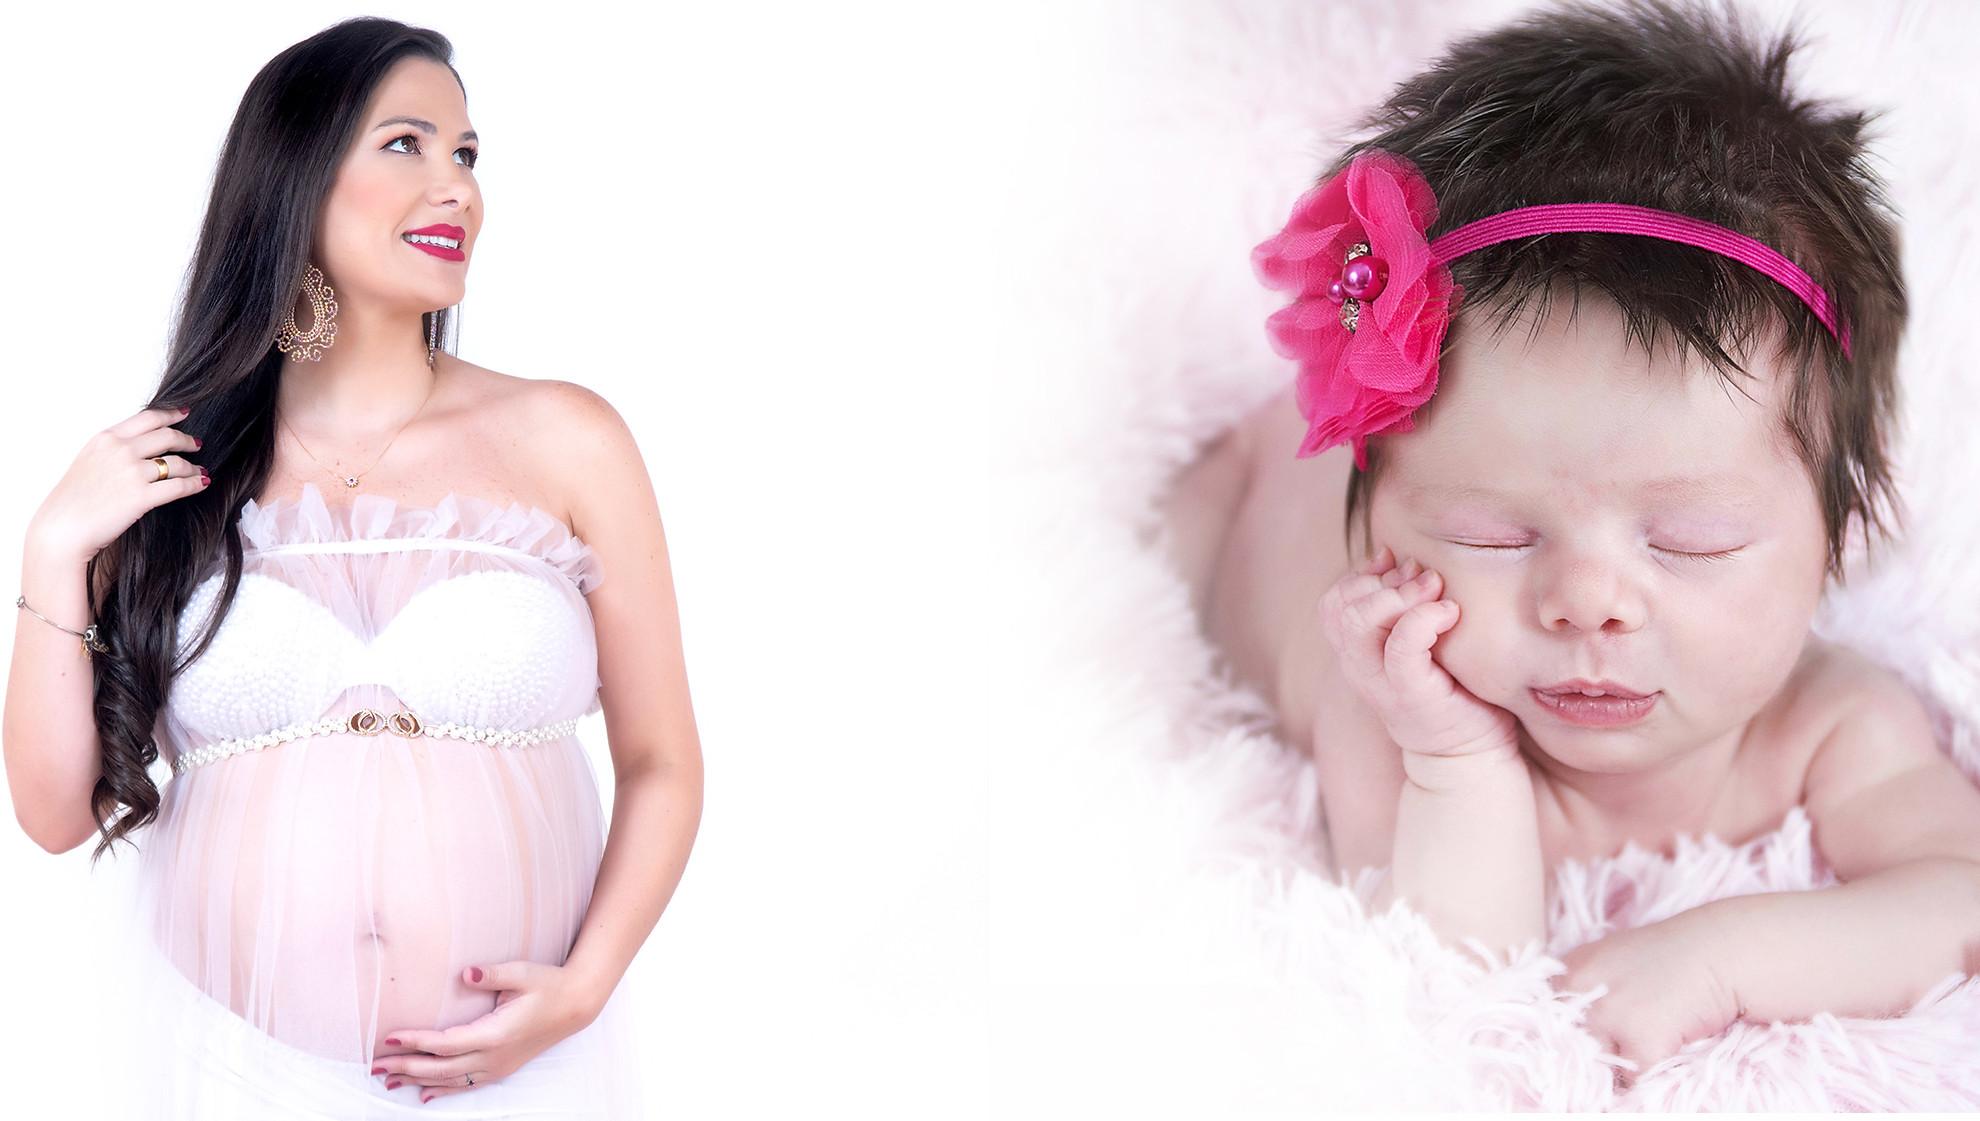 Ensaio fotográfico gestante e newborn